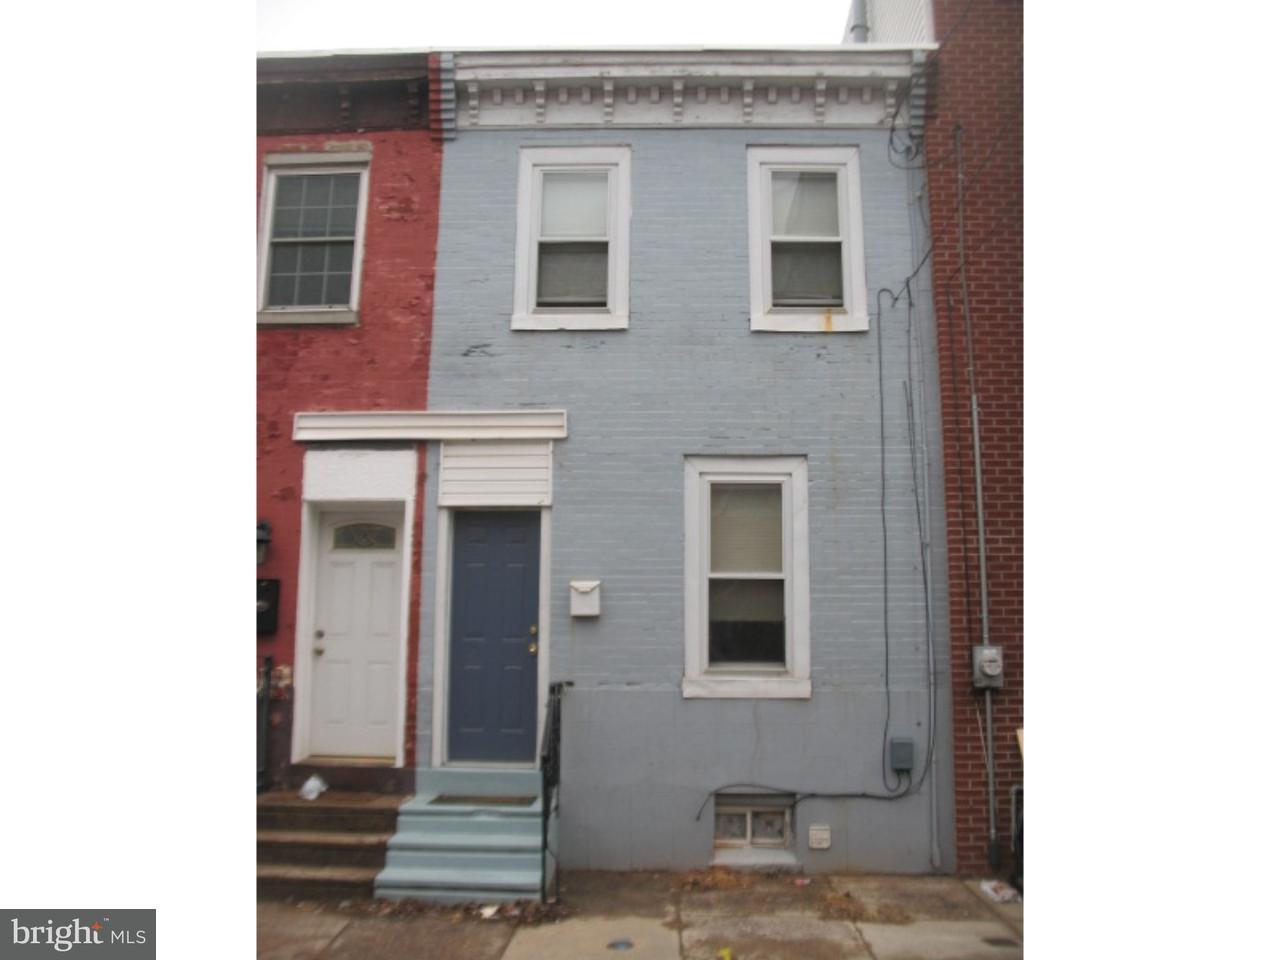 2304 E Cabot Philadelphia, PA 19125